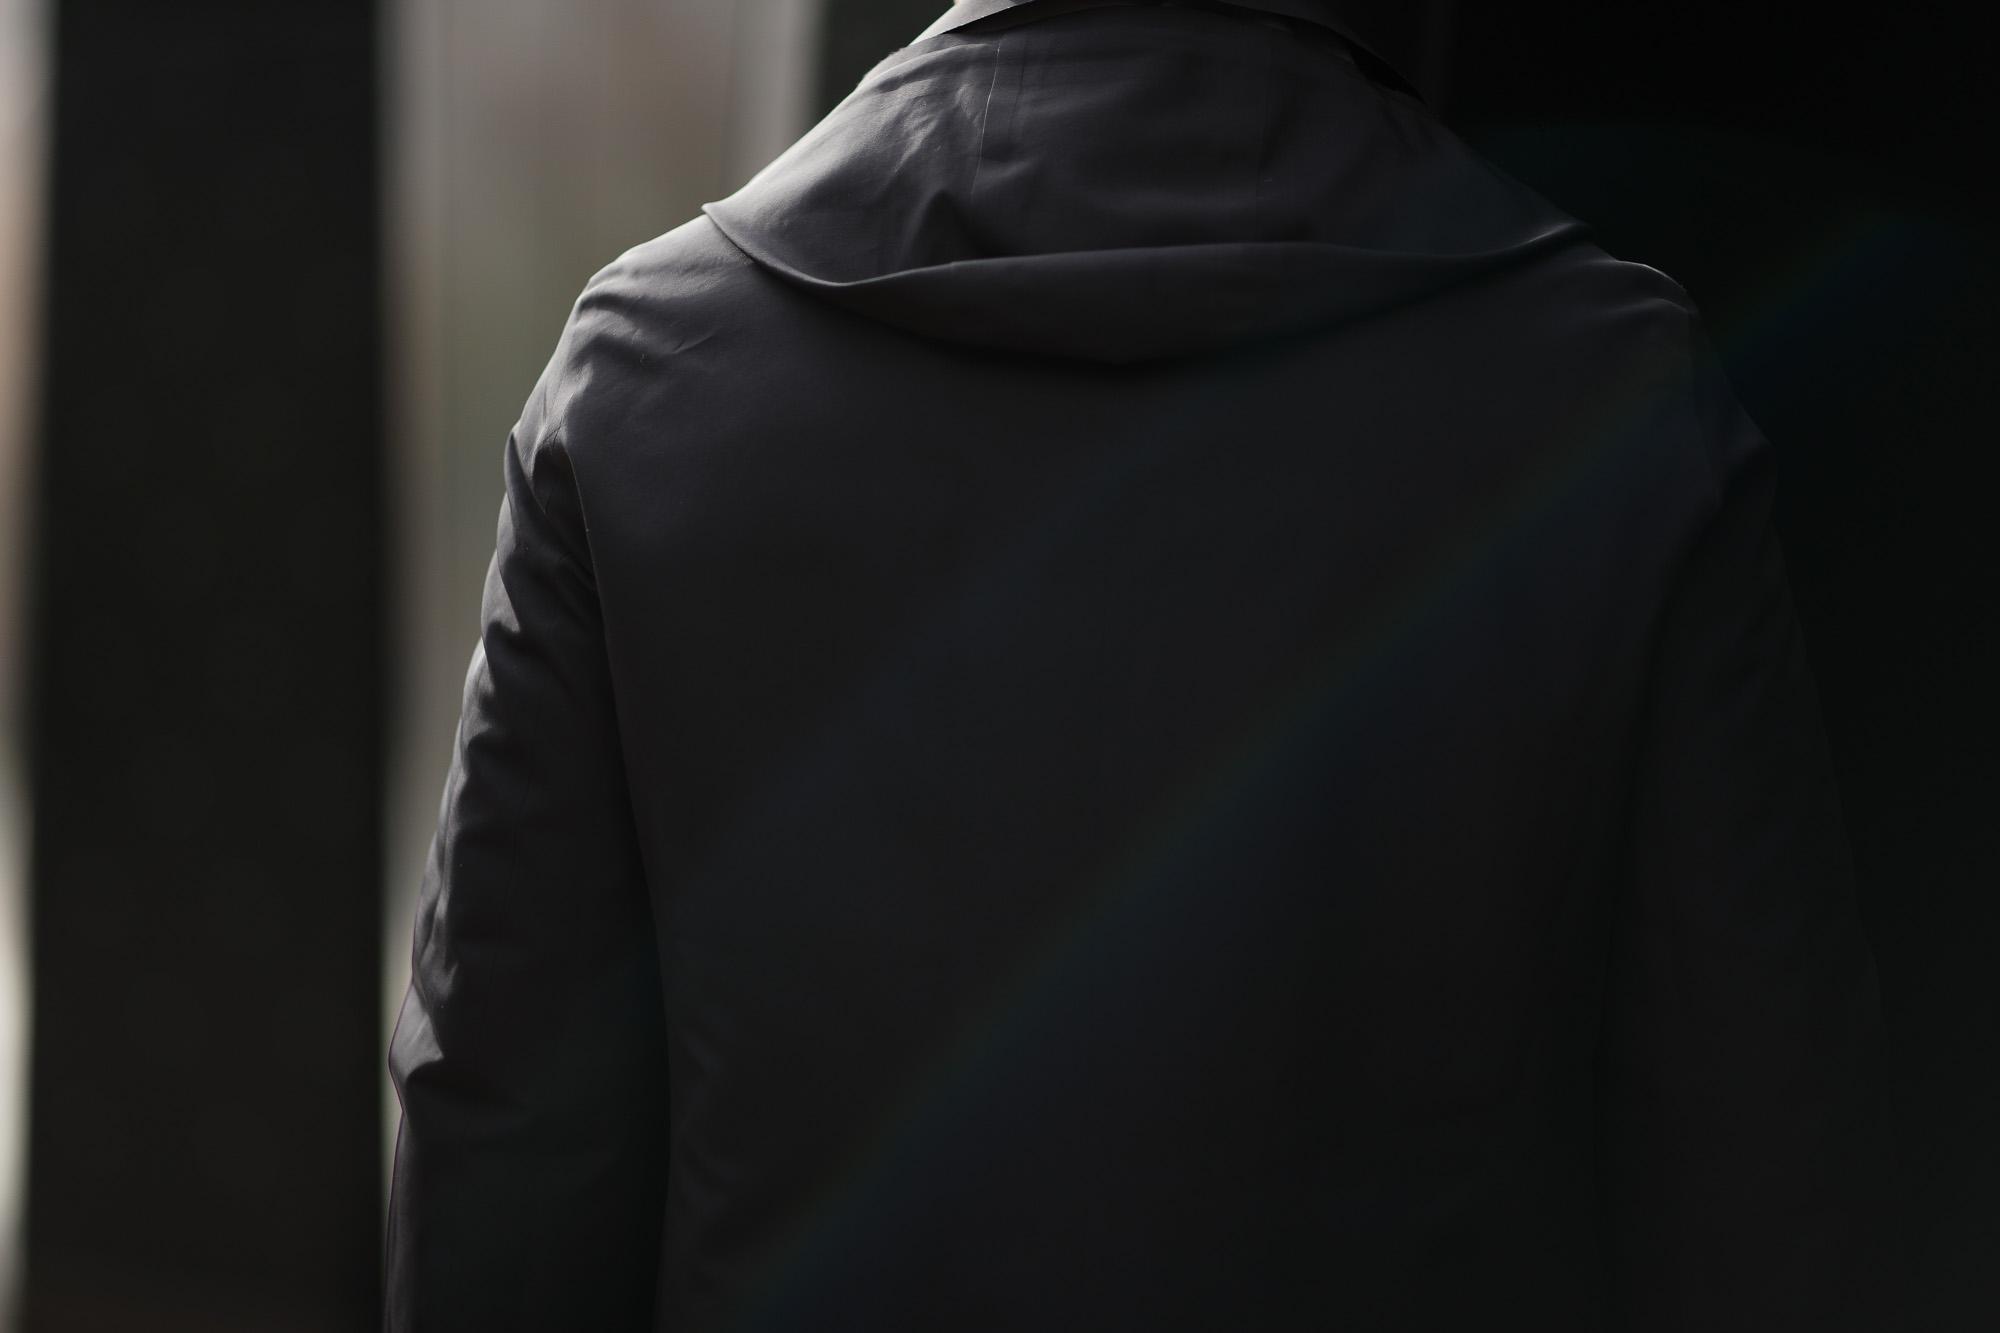 KIRED (キーレッド) CRUZ (クルス) LoroPiana (ロロピアーナ) レーザーカット フーデッド コート BLACK (ブラック・23) Made in italy (イタリア製) 2018 秋冬新作 愛知 名古屋 alto e diritto アルトエデリット altoediritto ダウン